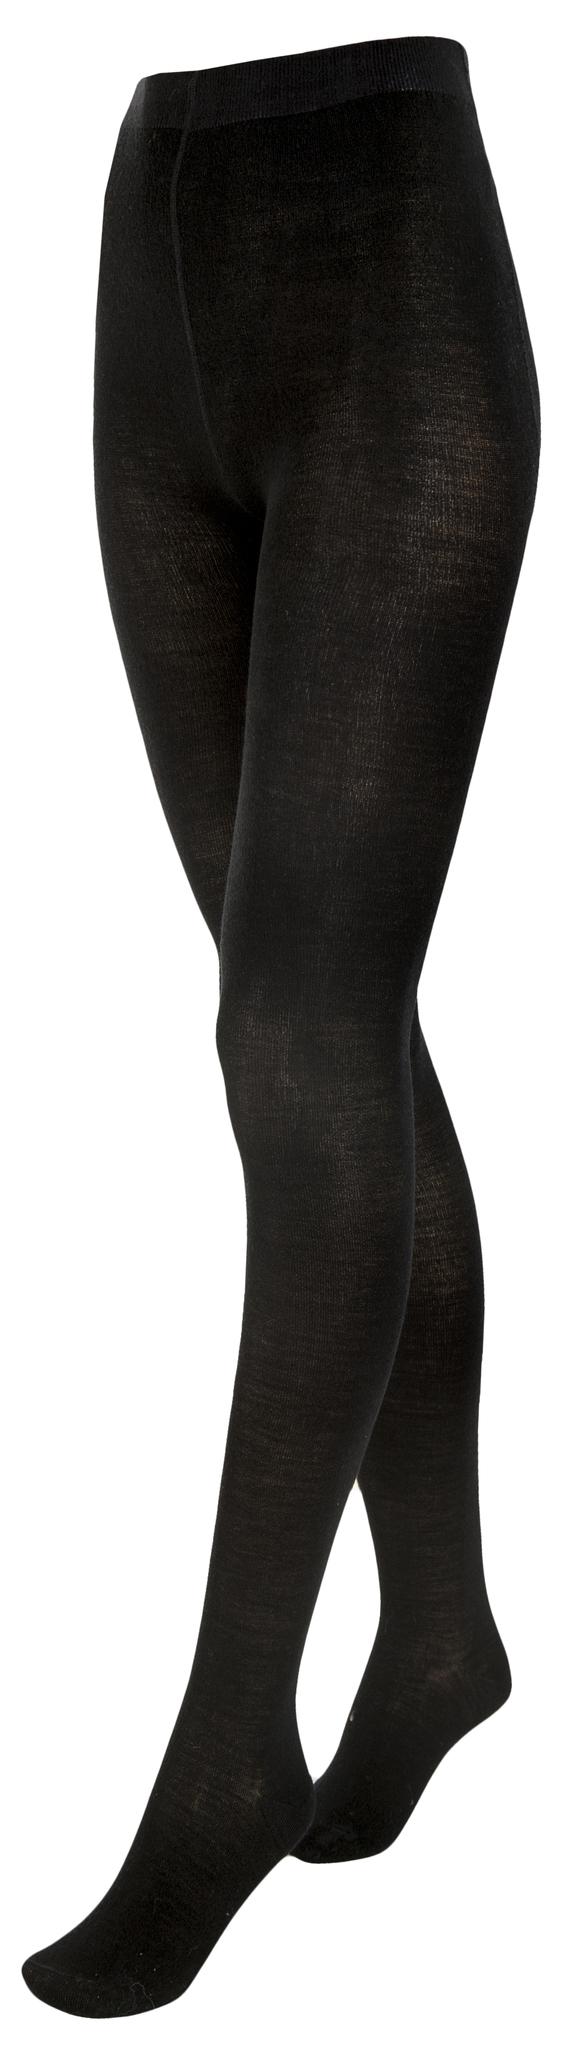 Janus, Колготки женские, чёрные